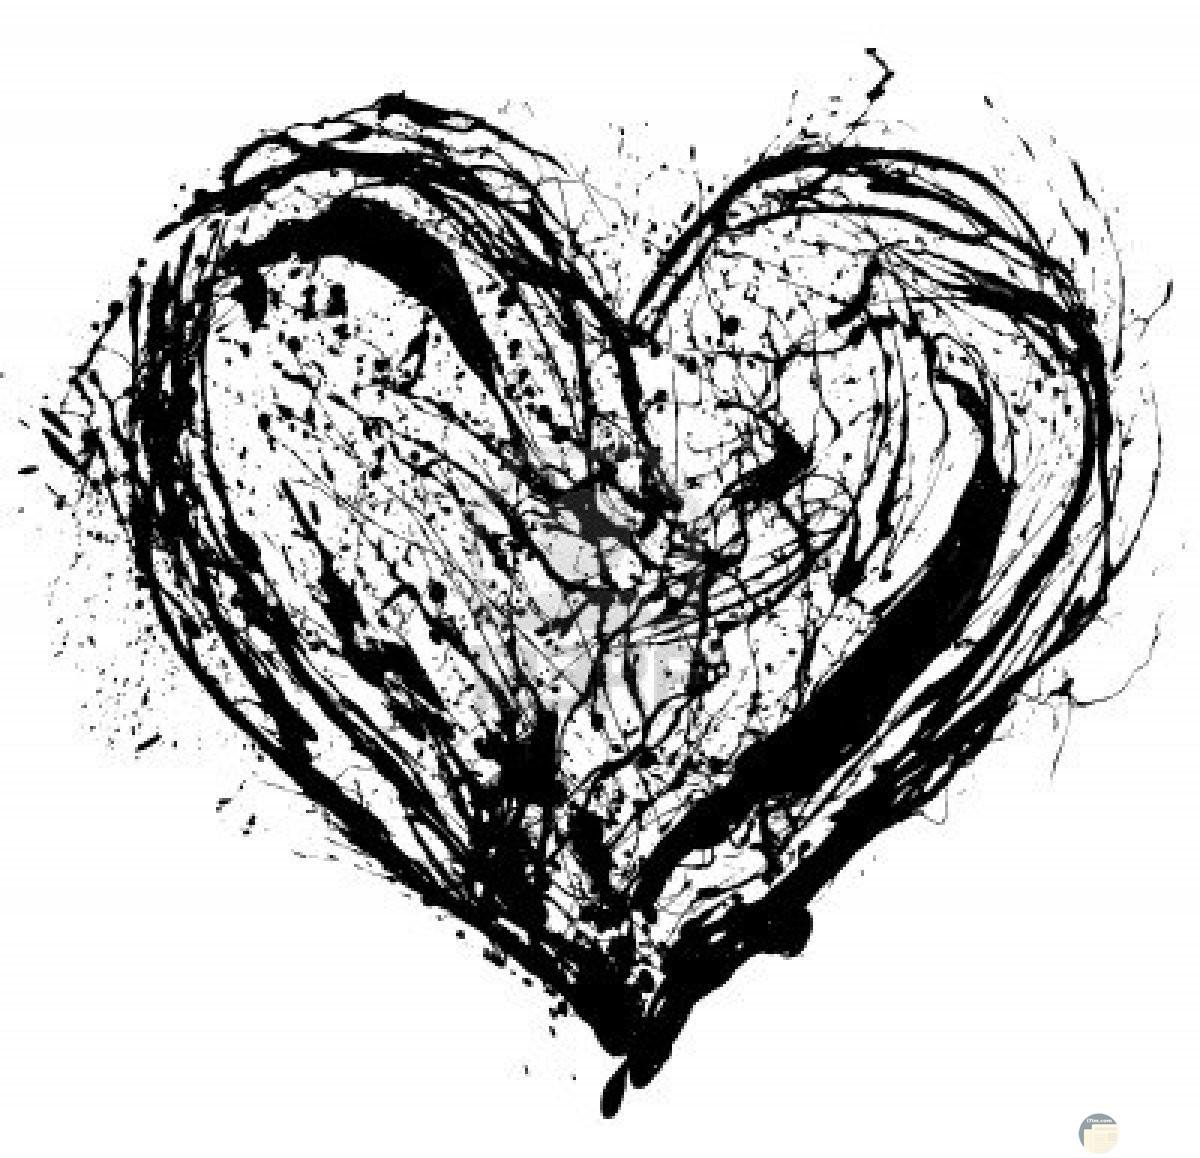 صورة قلب ابيض واسود برتوش الحزن